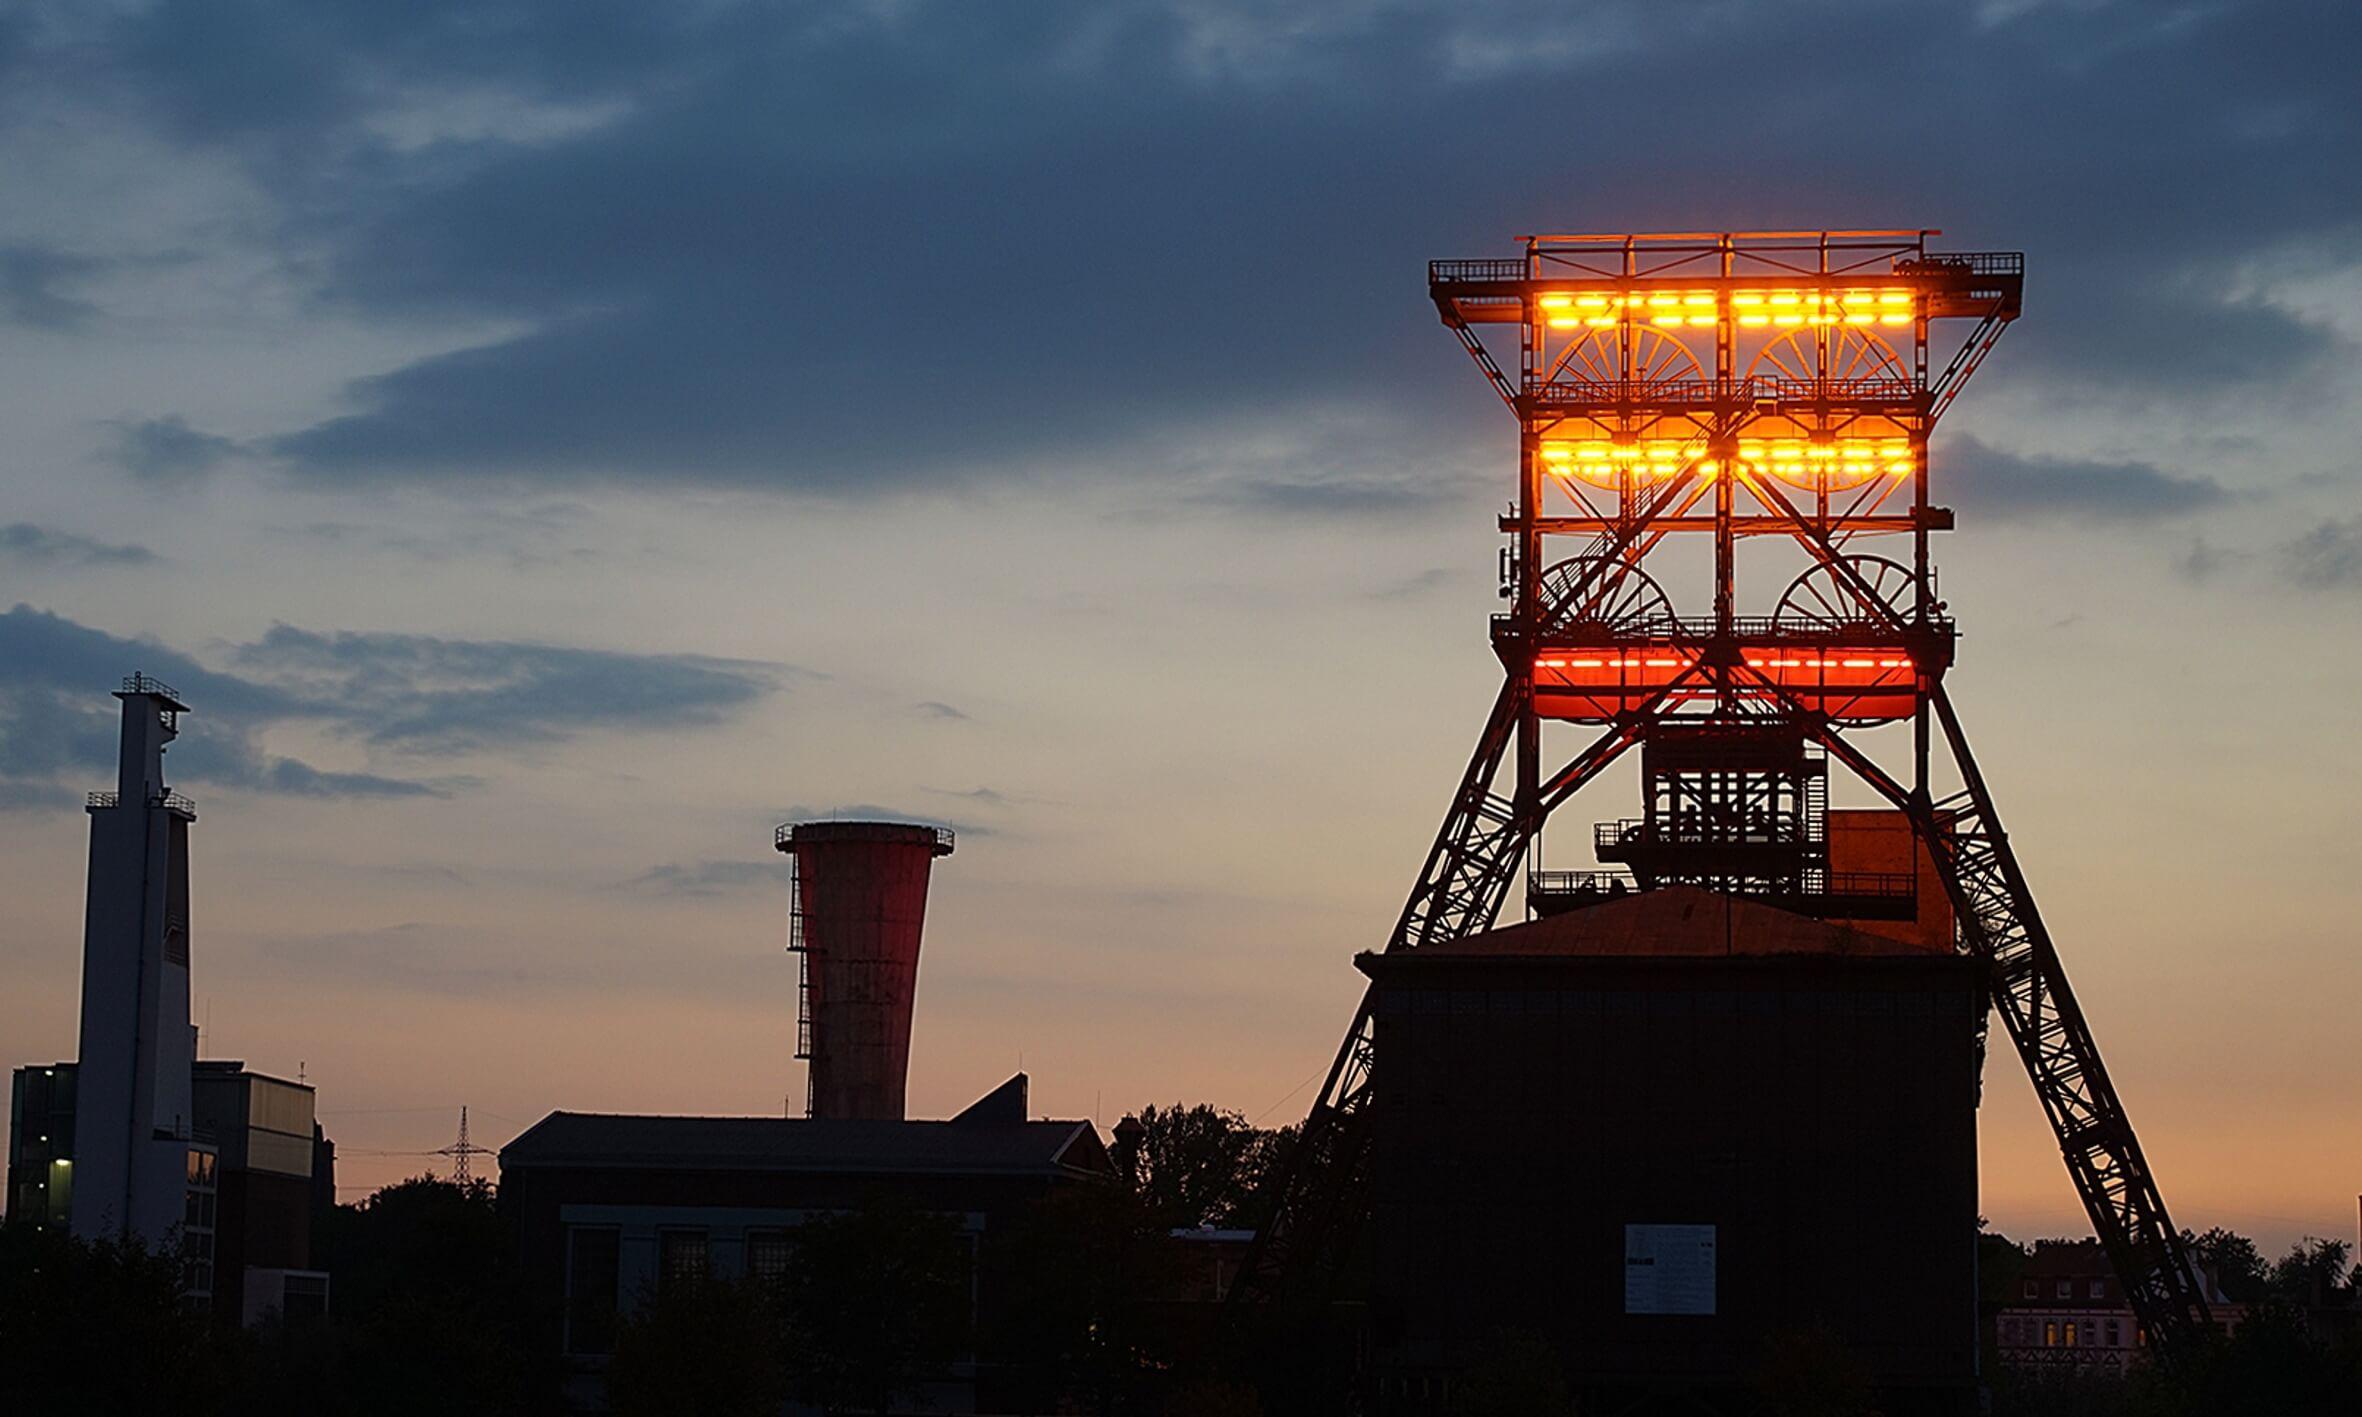 Die Lichtinstallation ÑConsol Gelbì von G¸nther Dohr auf dem Fˆrdertum der ehemaligen Zeche Consolidation.